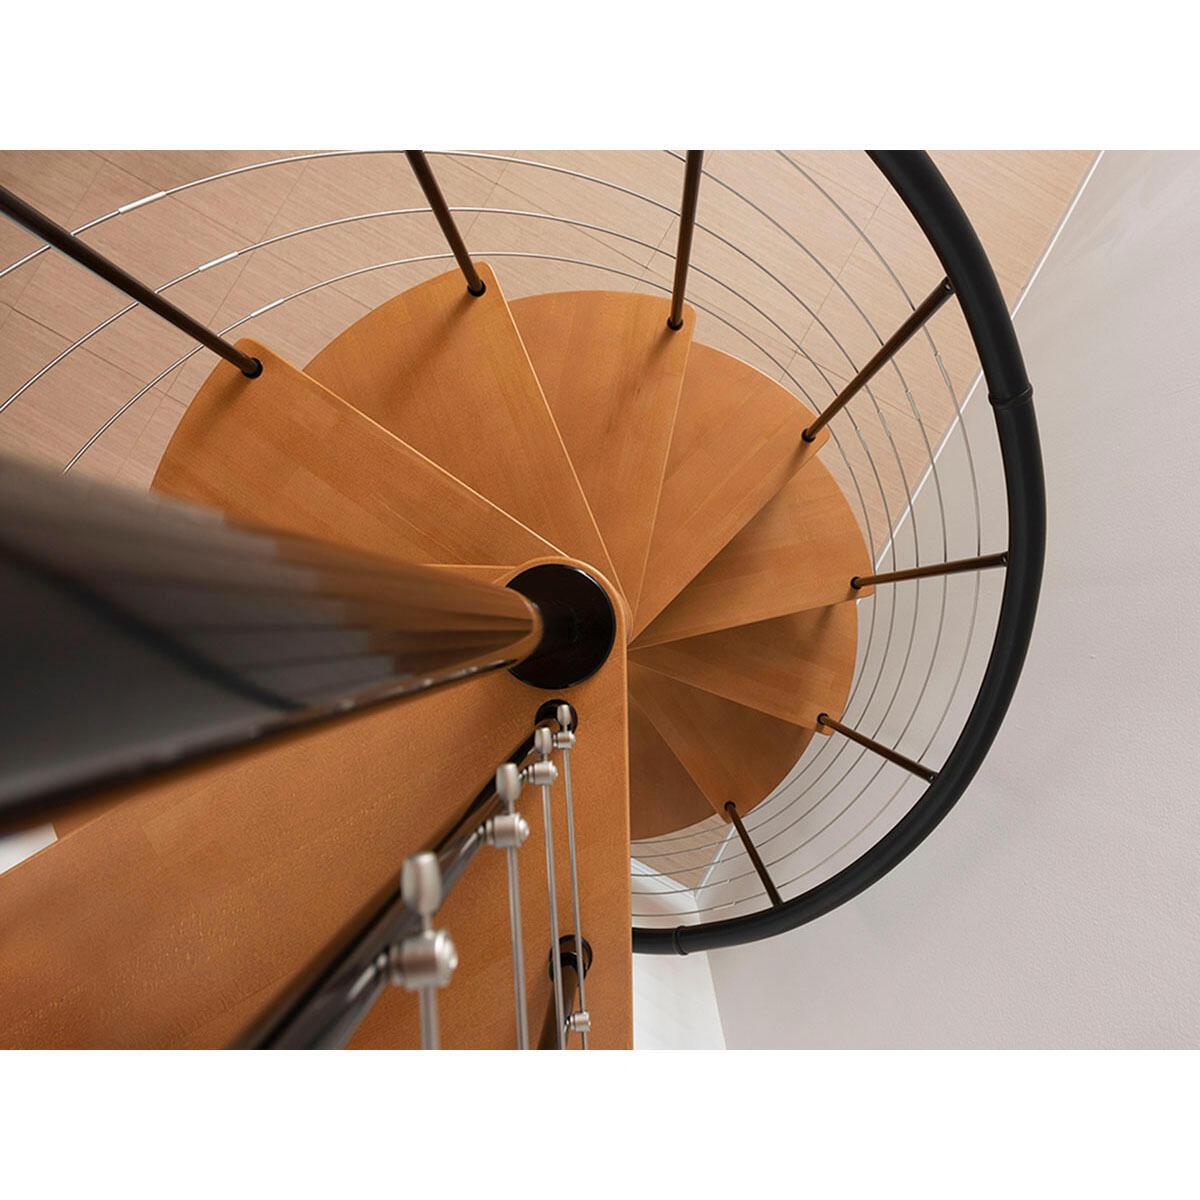 Scala a chiocciola tonda Symphonie FONTANOT L 160 cm, gradino noce, struttura nero - 3